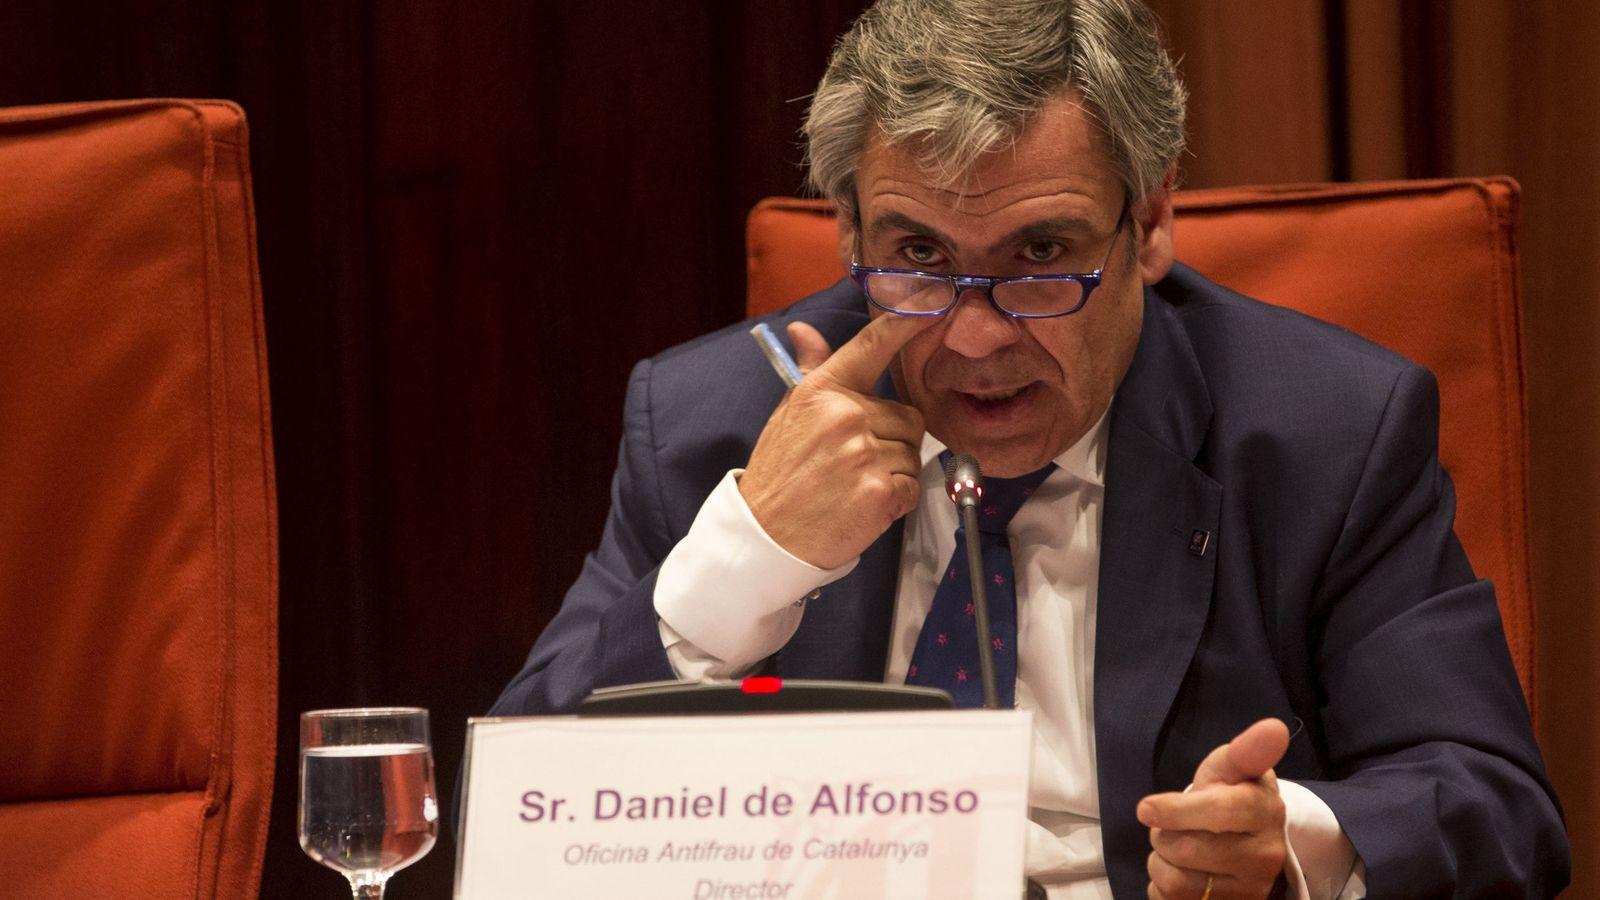 Foto: El exdirector de la Oficina Antifraude de Cataluña Daniel de Alfonso. (EFE)